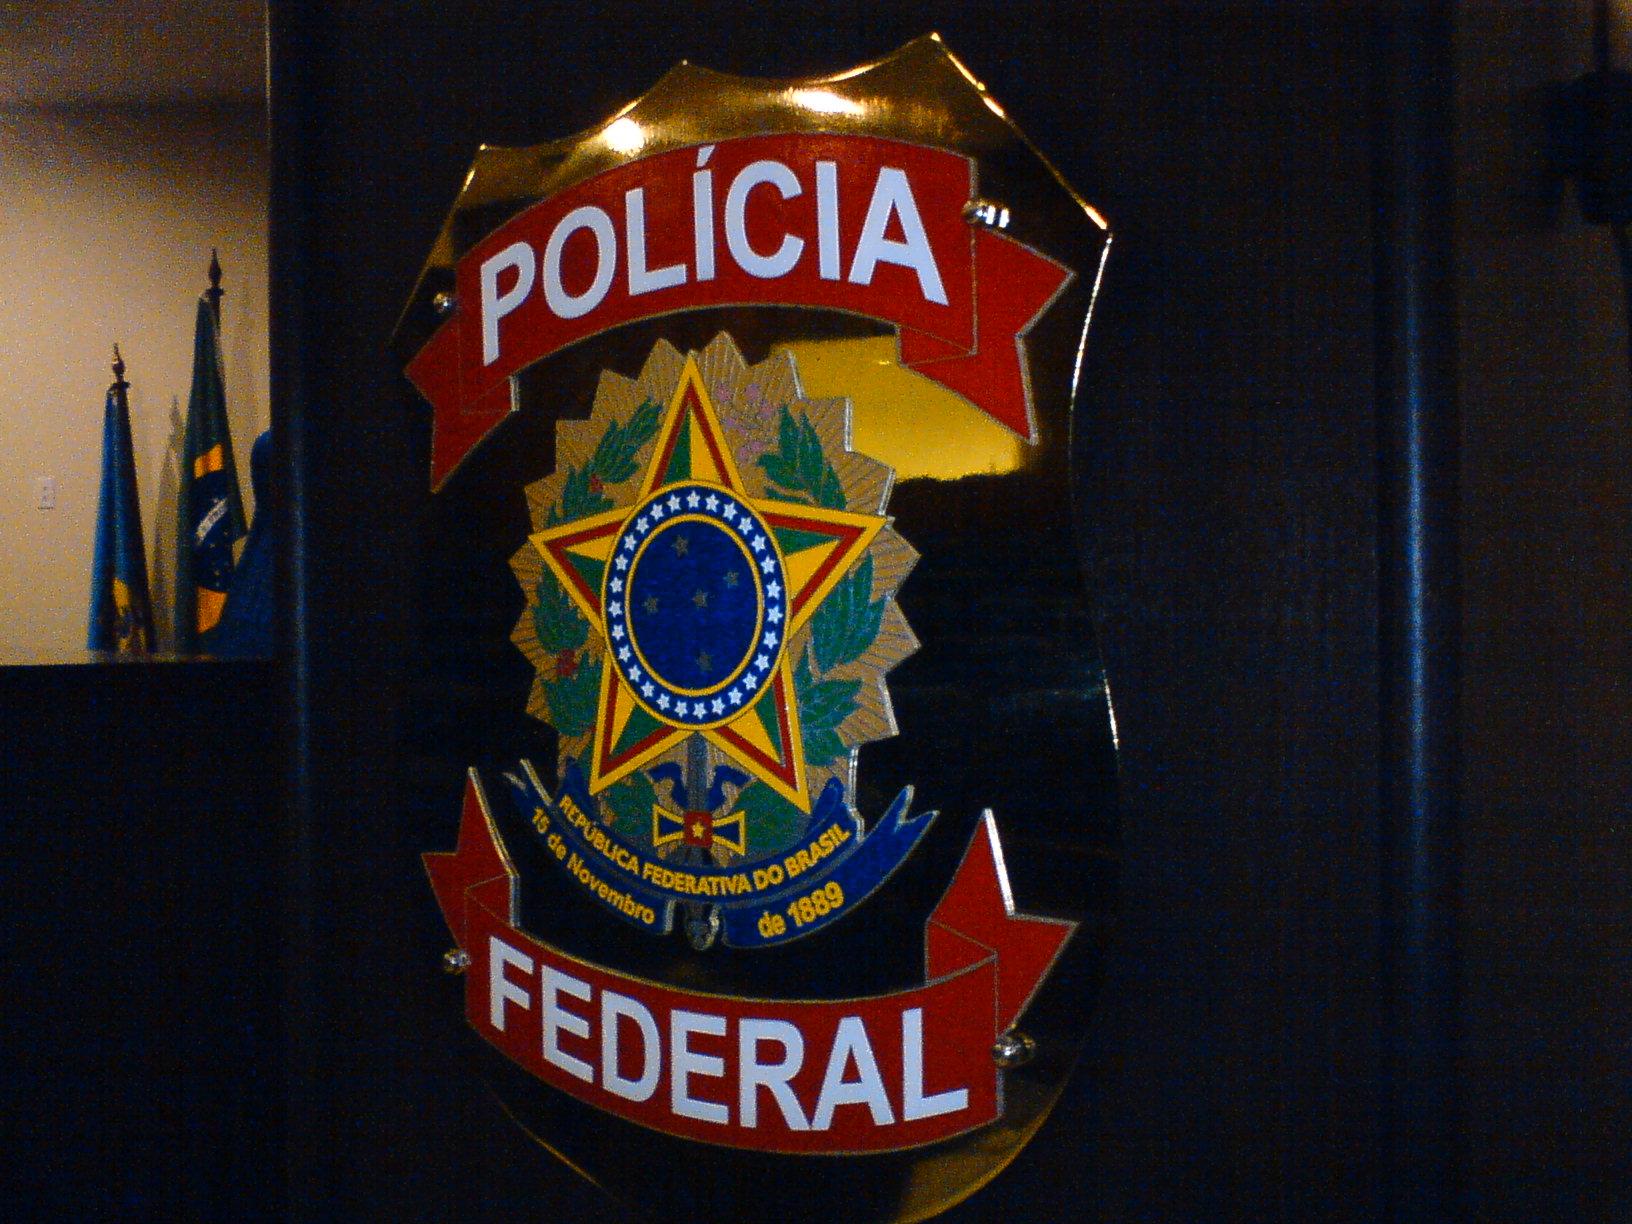 Brasao_Policia_Federal_auditorio_RN